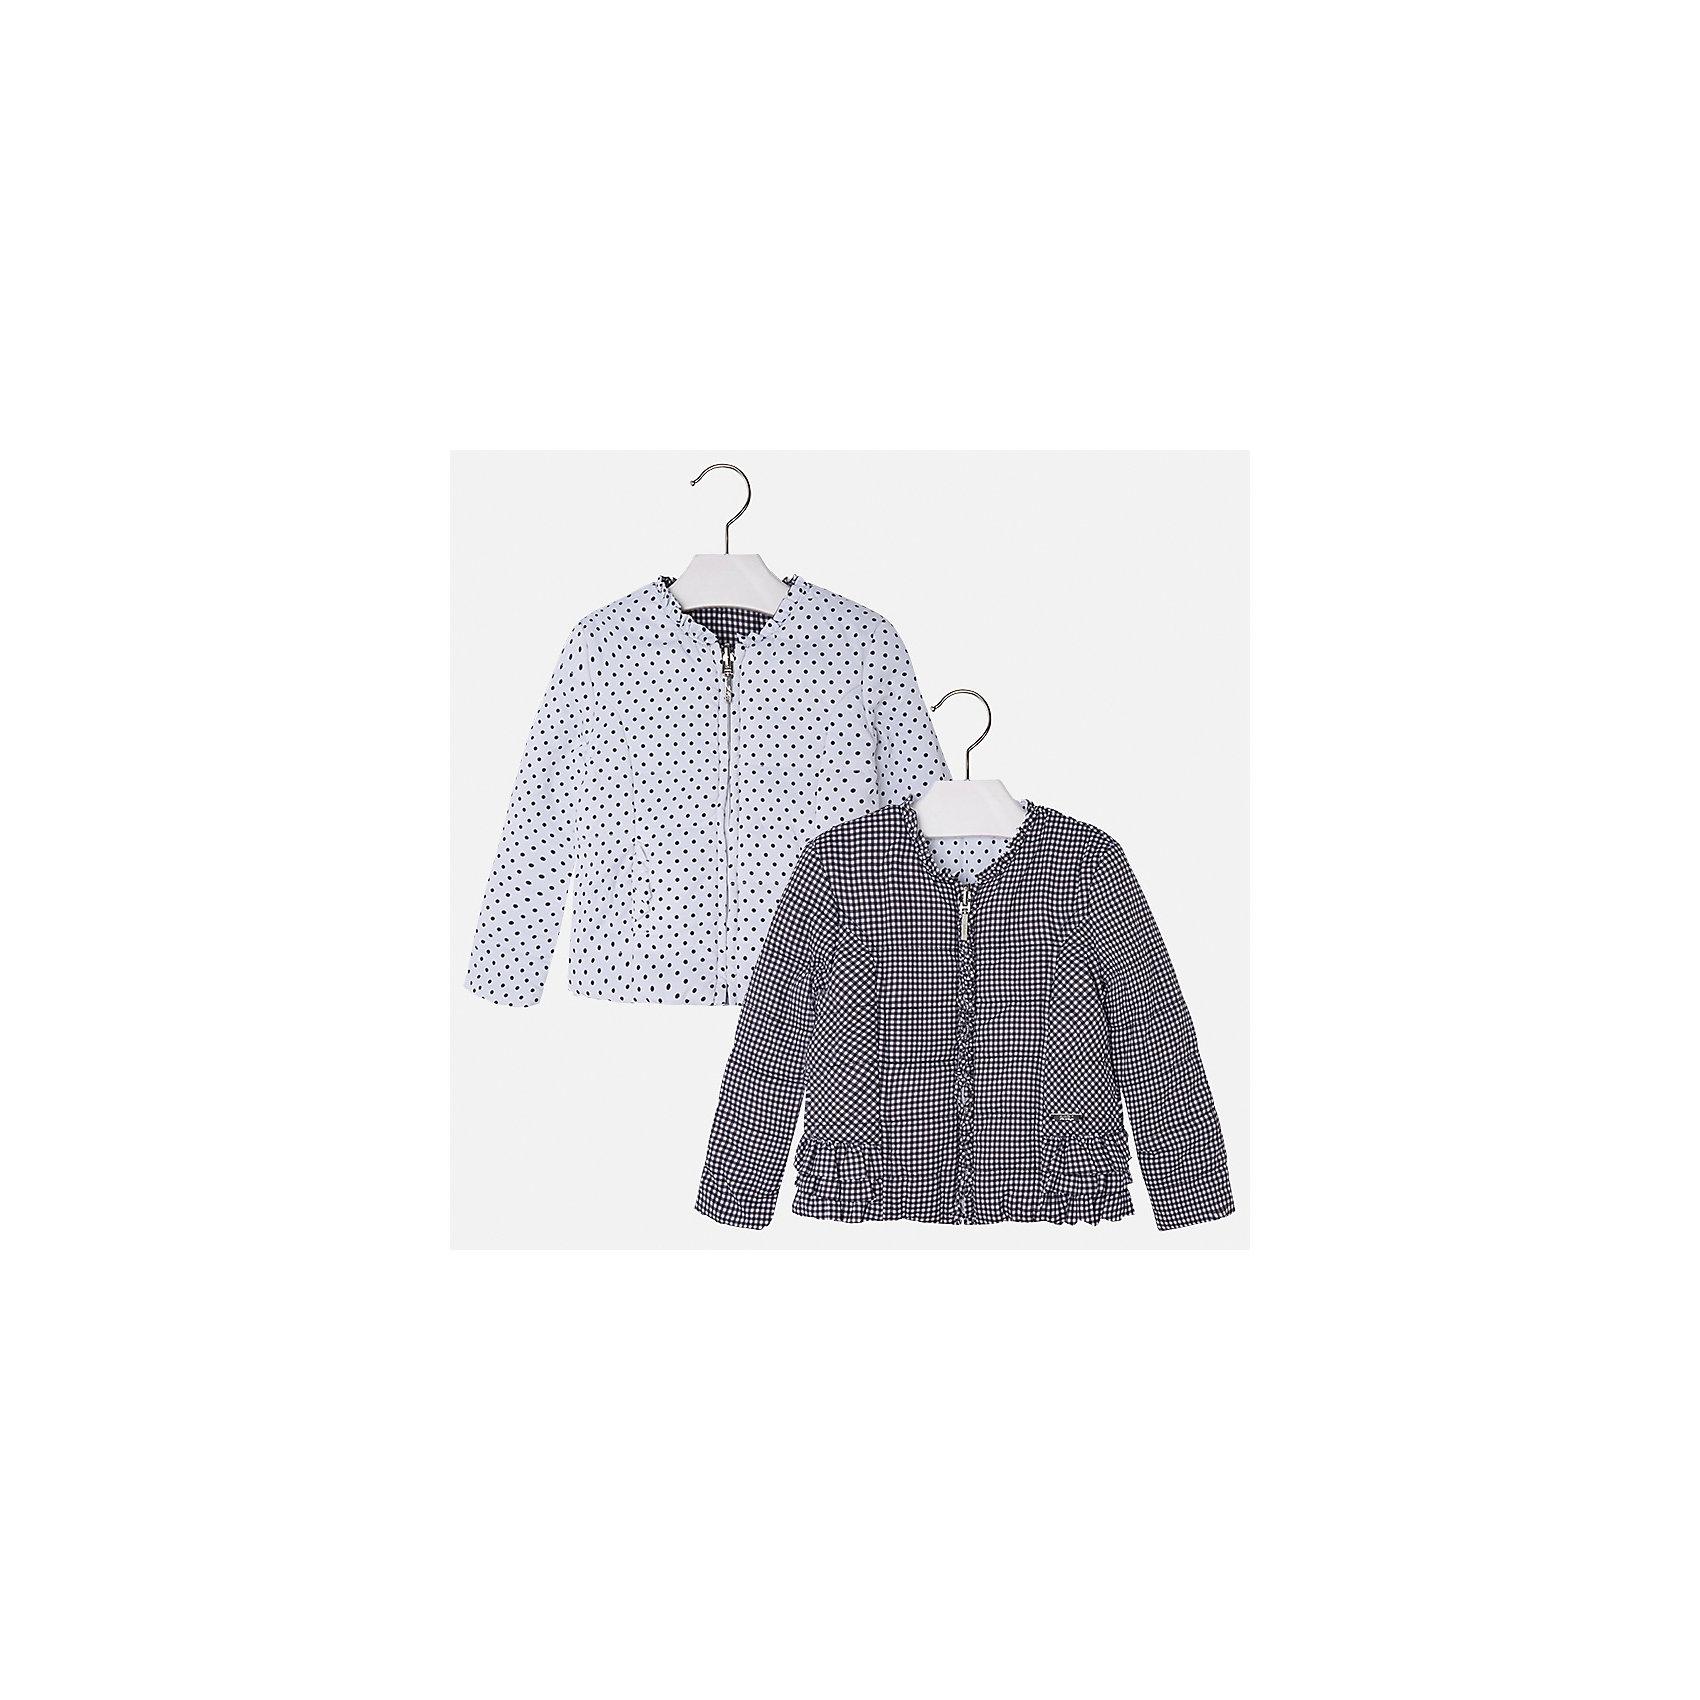 Ветровка двухсторонняя для девочки MayoralВерхняя одежда<br>Характеристики товара:<br><br>• цвет: серый/белый<br>• состав: 100% полиэстер<br>• застежка: молния<br>• оборка на вороте<br>• с длинными рукавами <br>• двухсторонняя<br>• одна сторона украшена воланами<br>• страна бренда: Испания<br><br>Стильная легкая ветровка для девочки поможет разнообразить гардероб ребенка и украсить наряд. Уникальна модель тем, что её можно вывернуть - и в распоряжении ребенка еще одна куртка, выполненная в другом стиле! Она отлично сочетается и с юбками, и с брюками. Красивый цвет позволяет подобрать к вещи низ различных расцветок. Интересная отделка модели делает её нарядной и стильной. Оригинальной и модной куртку делает крой.<br><br>Одежда, обувь и аксессуары от испанского бренда Mayoral полюбились детям и взрослым по всему миру. Модели этой марки - стильные и удобные. Для их производства используются только безопасные, качественные материалы и фурнитура. Порадуйте ребенка модными и красивыми вещами от Mayoral! <br><br>Ветровку для девочки от испанского бренда Mayoral (Майорал) можно купить в нашем интернет-магазине.<br><br>Ширина мм: 356<br>Глубина мм: 10<br>Высота мм: 245<br>Вес г: 519<br>Цвет: серый<br>Возраст от месяцев: 18<br>Возраст до месяцев: 24<br>Пол: Женский<br>Возраст: Детский<br>Размер: 92,134,98,104,110,116,122,128<br>SKU: 5290215